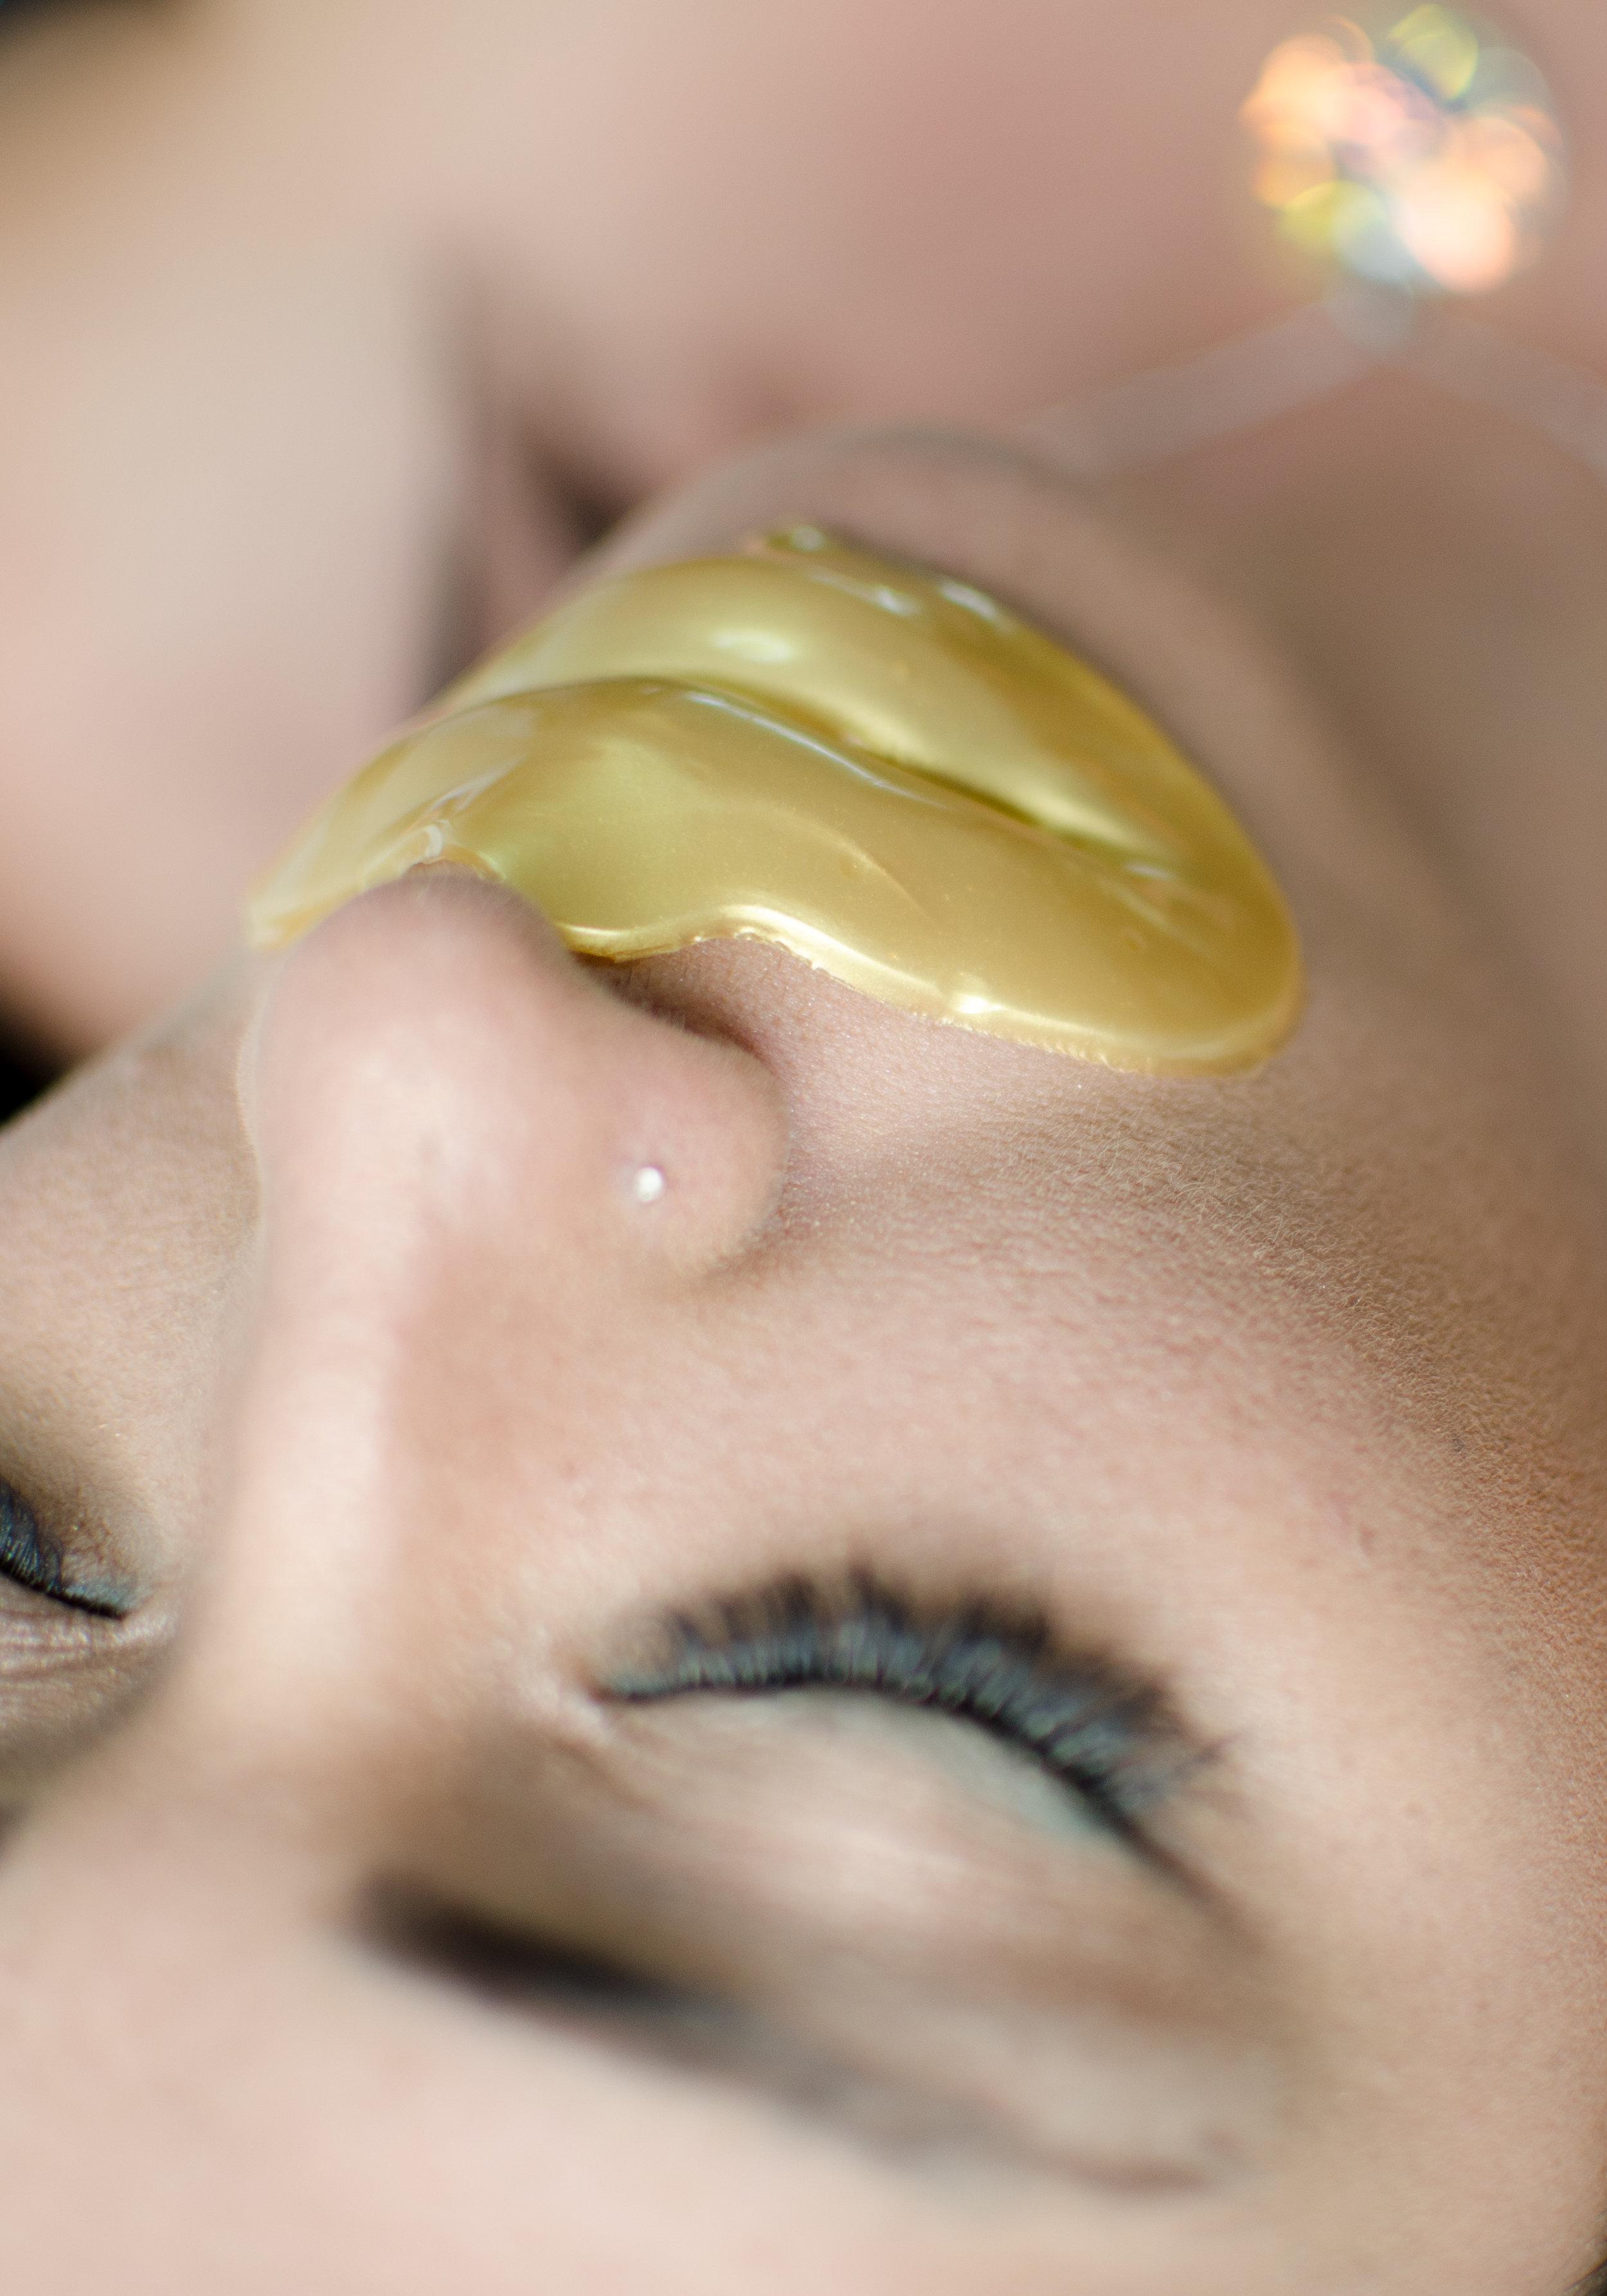 Masque des lèvres d'or 24k